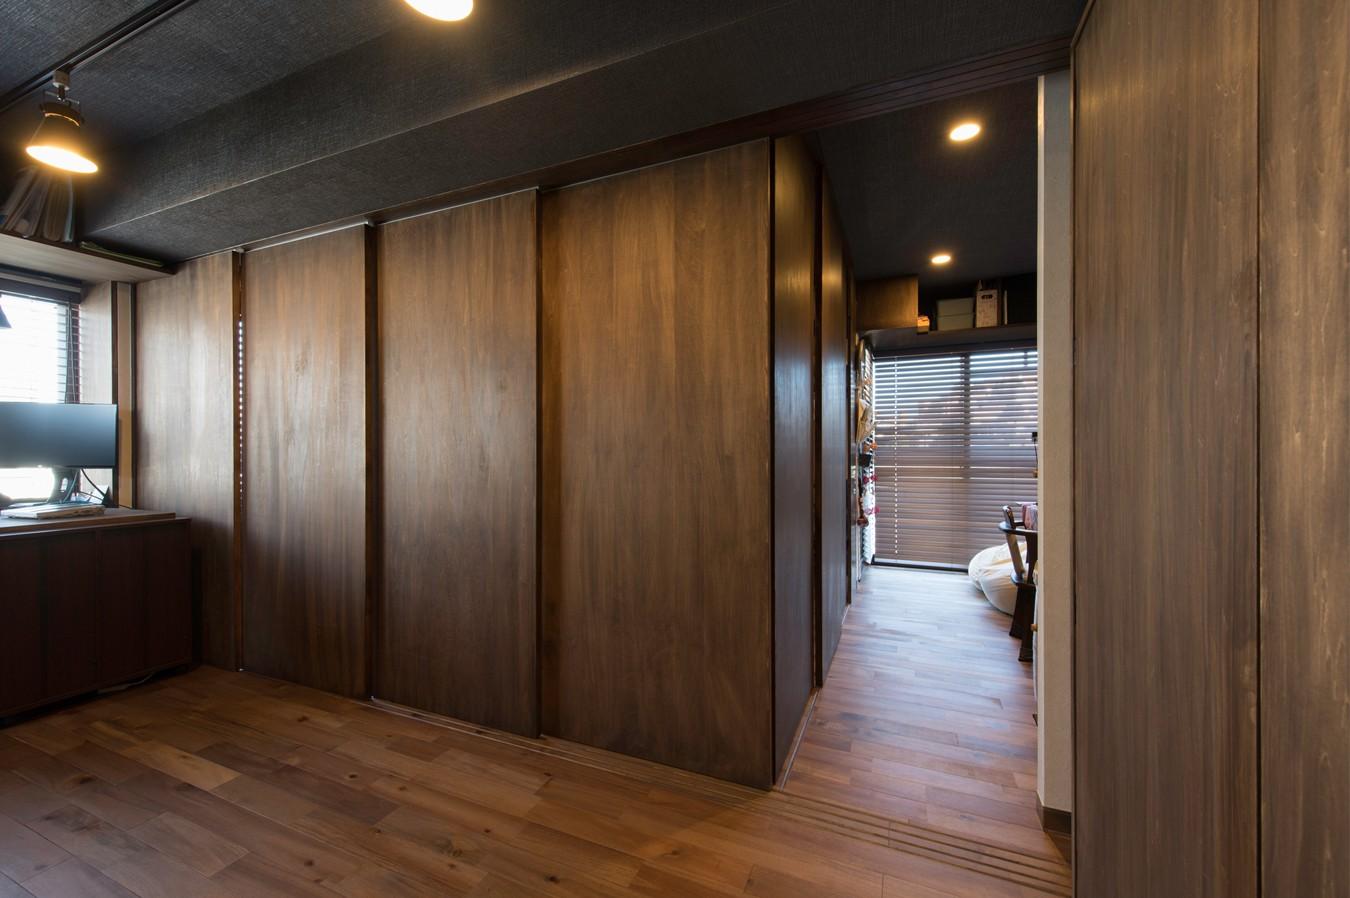 リビングダイニング事例:ワンルームのリビングに建具で個室をつくります。(カグ ノ モリ)